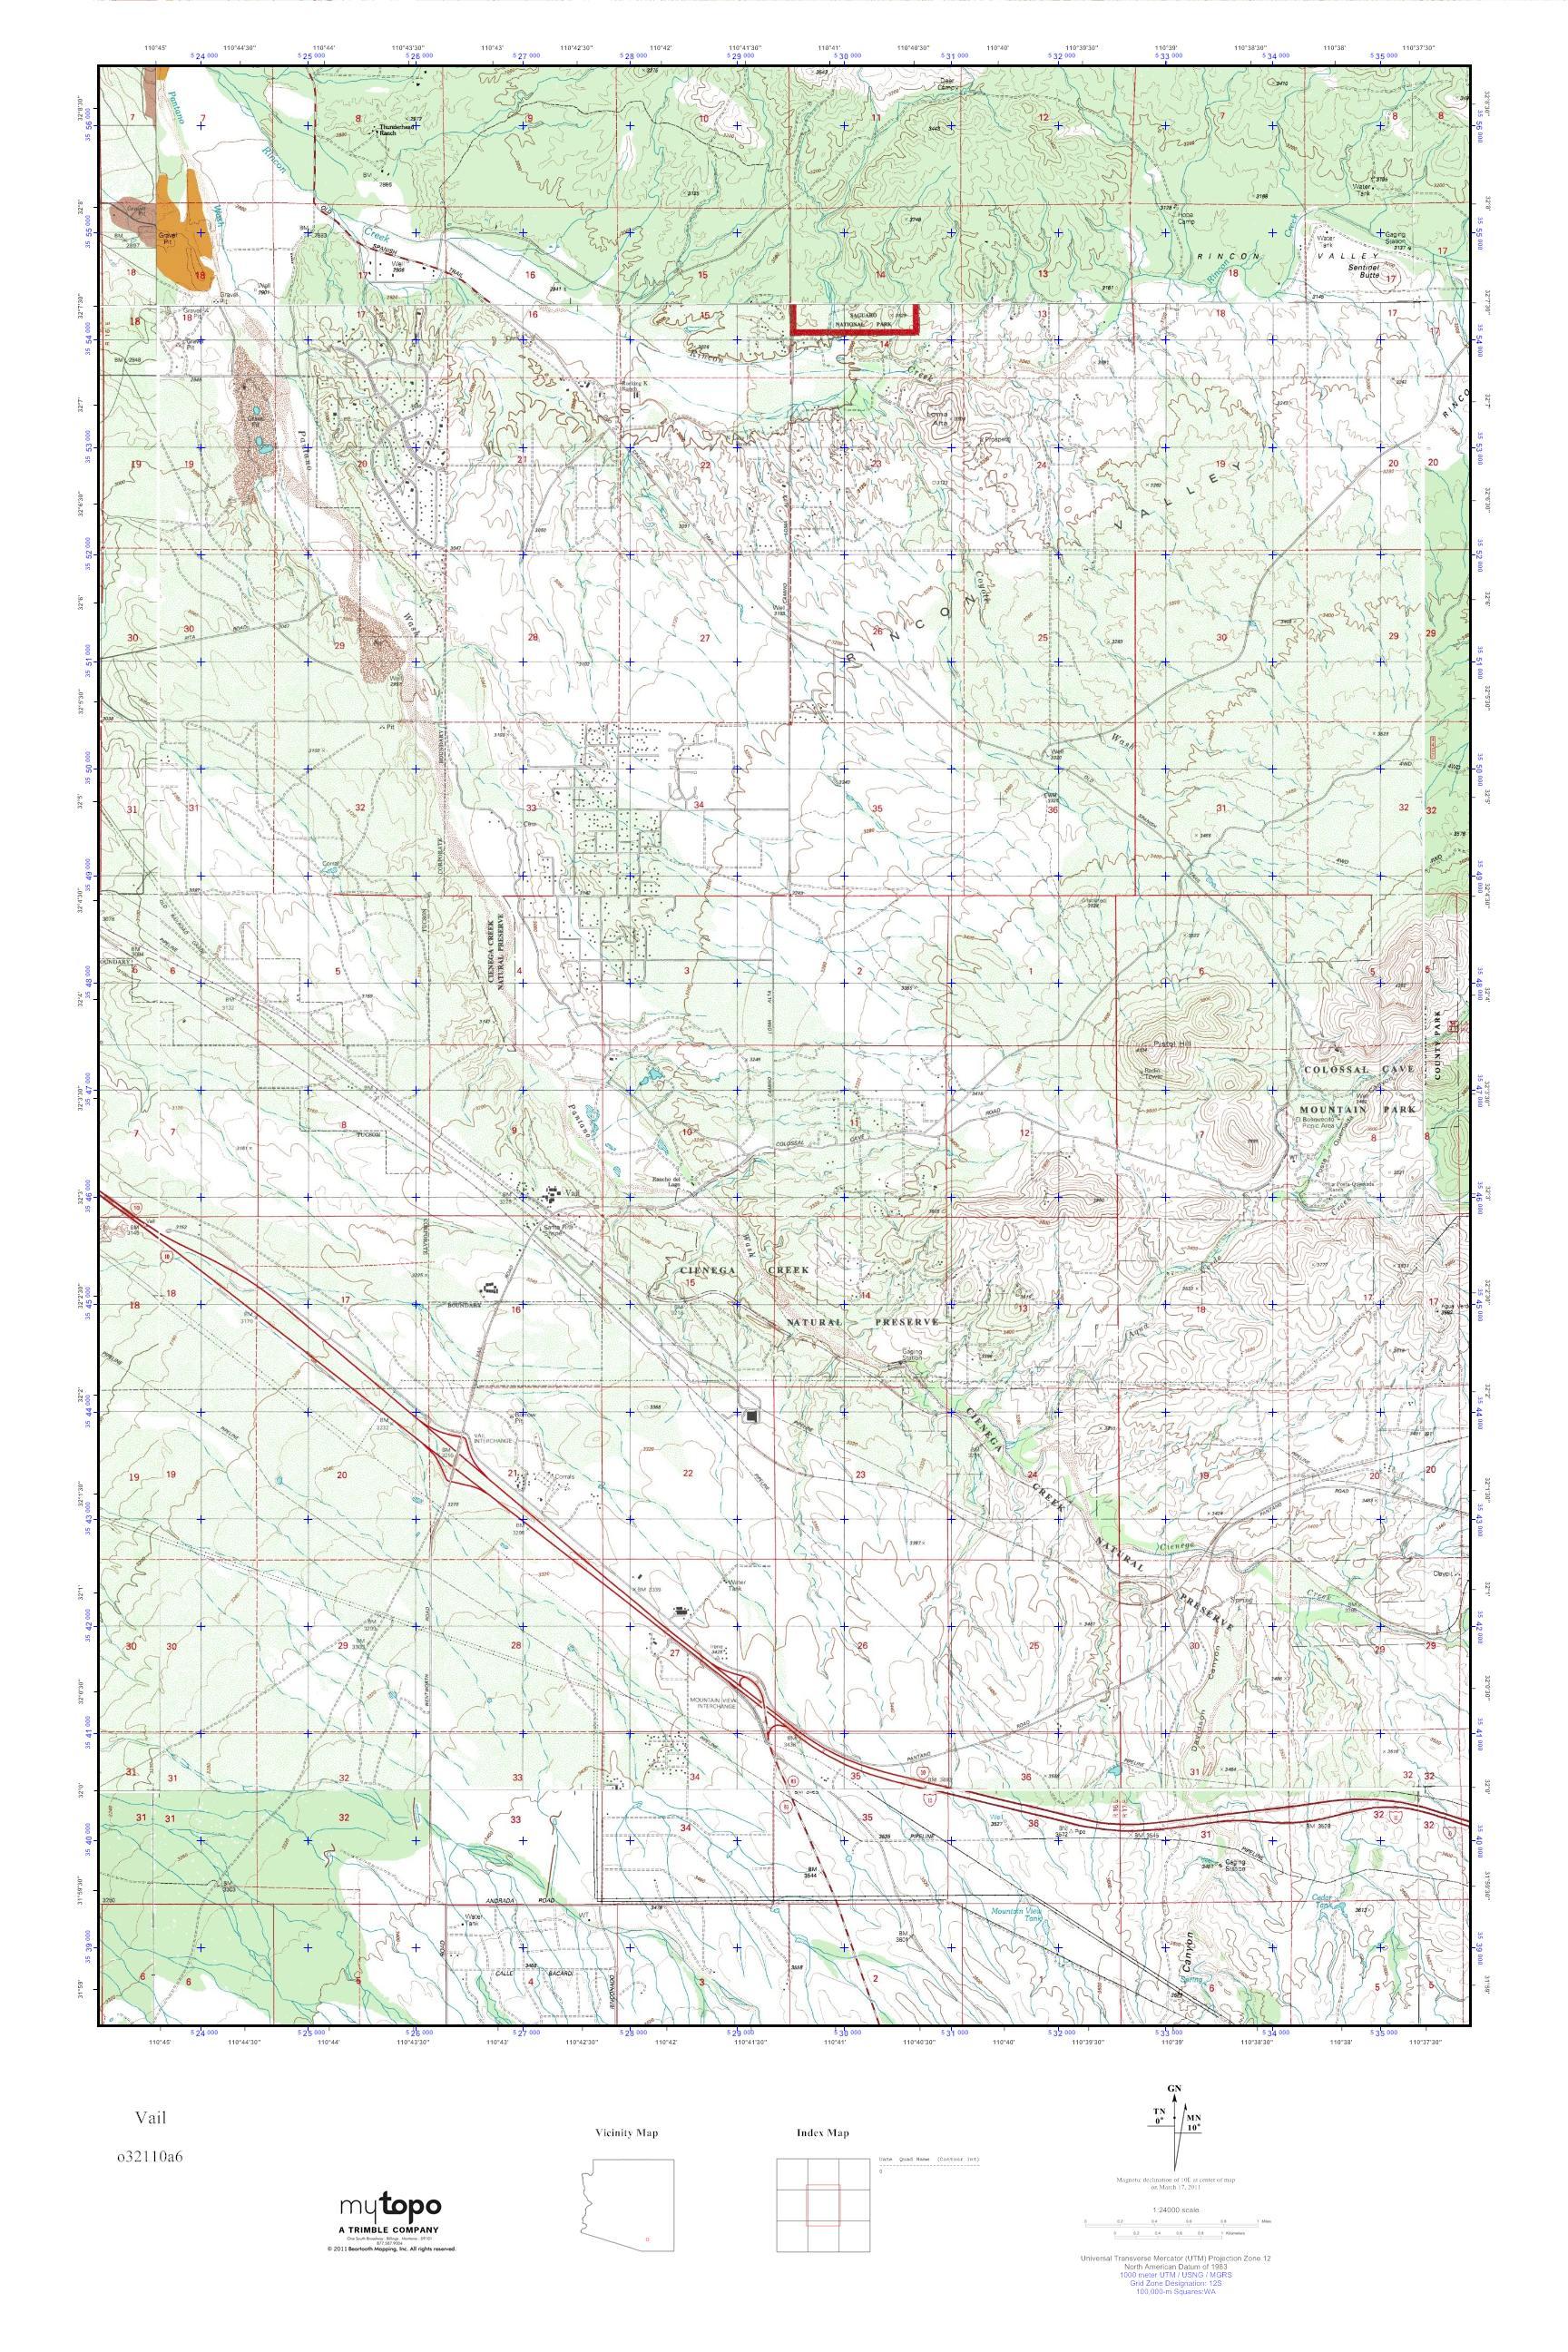 Vail Arizona Map.Mytopo Vail Arizona Usgs Quad Topo Map